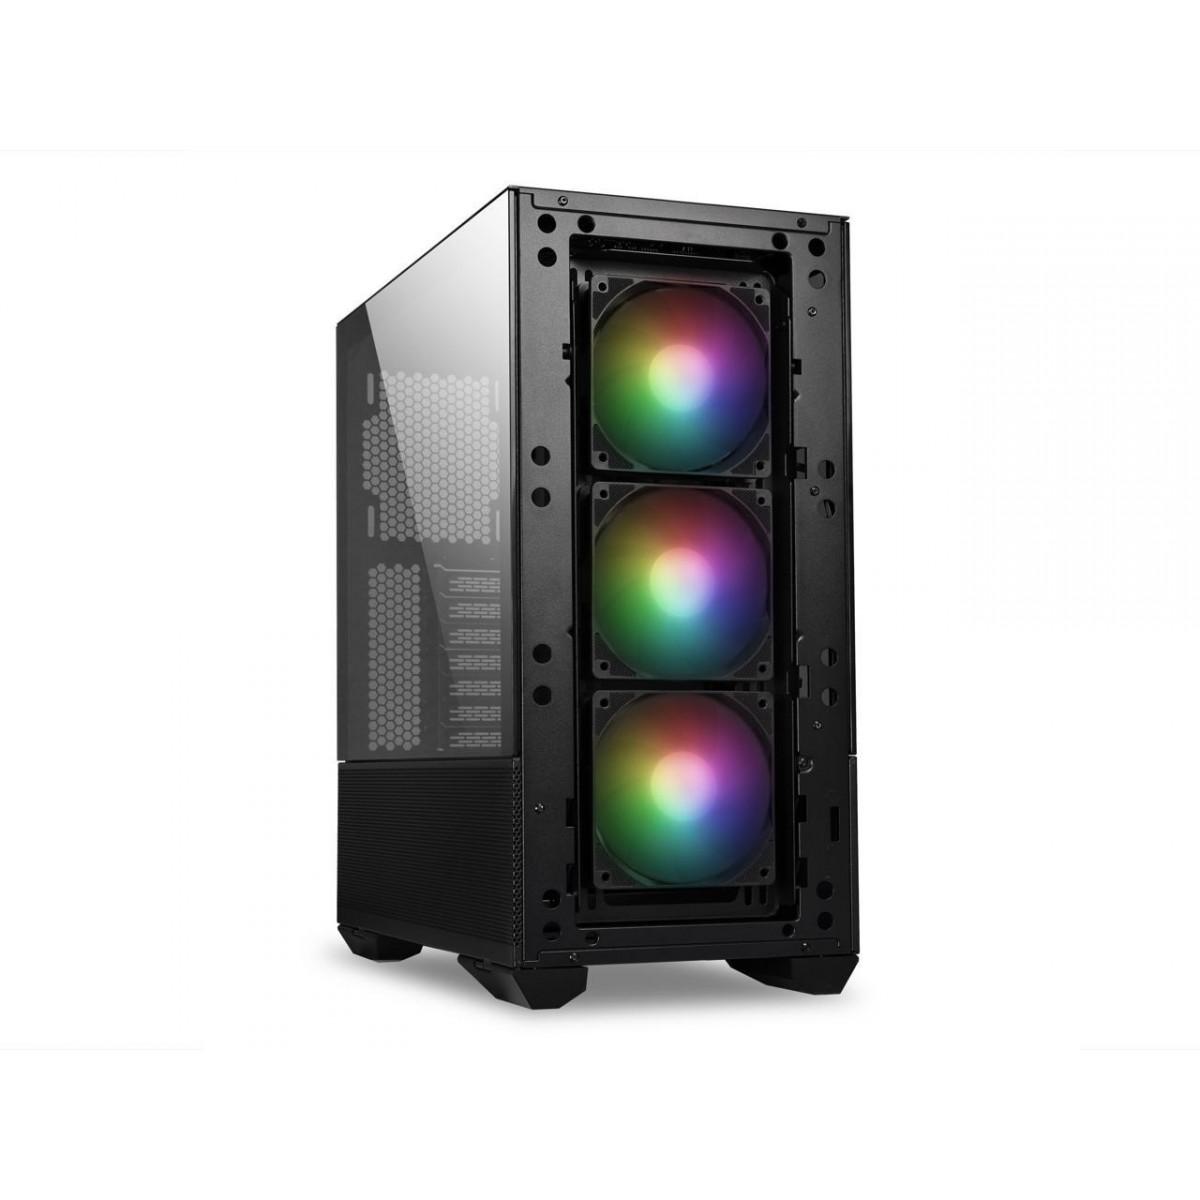 Gabinete Gamer Lian Li, Lancool II Mesh RGB, Mid Tower, Vidro Temperado, Black, Sem Fonte, Com 3 Fans